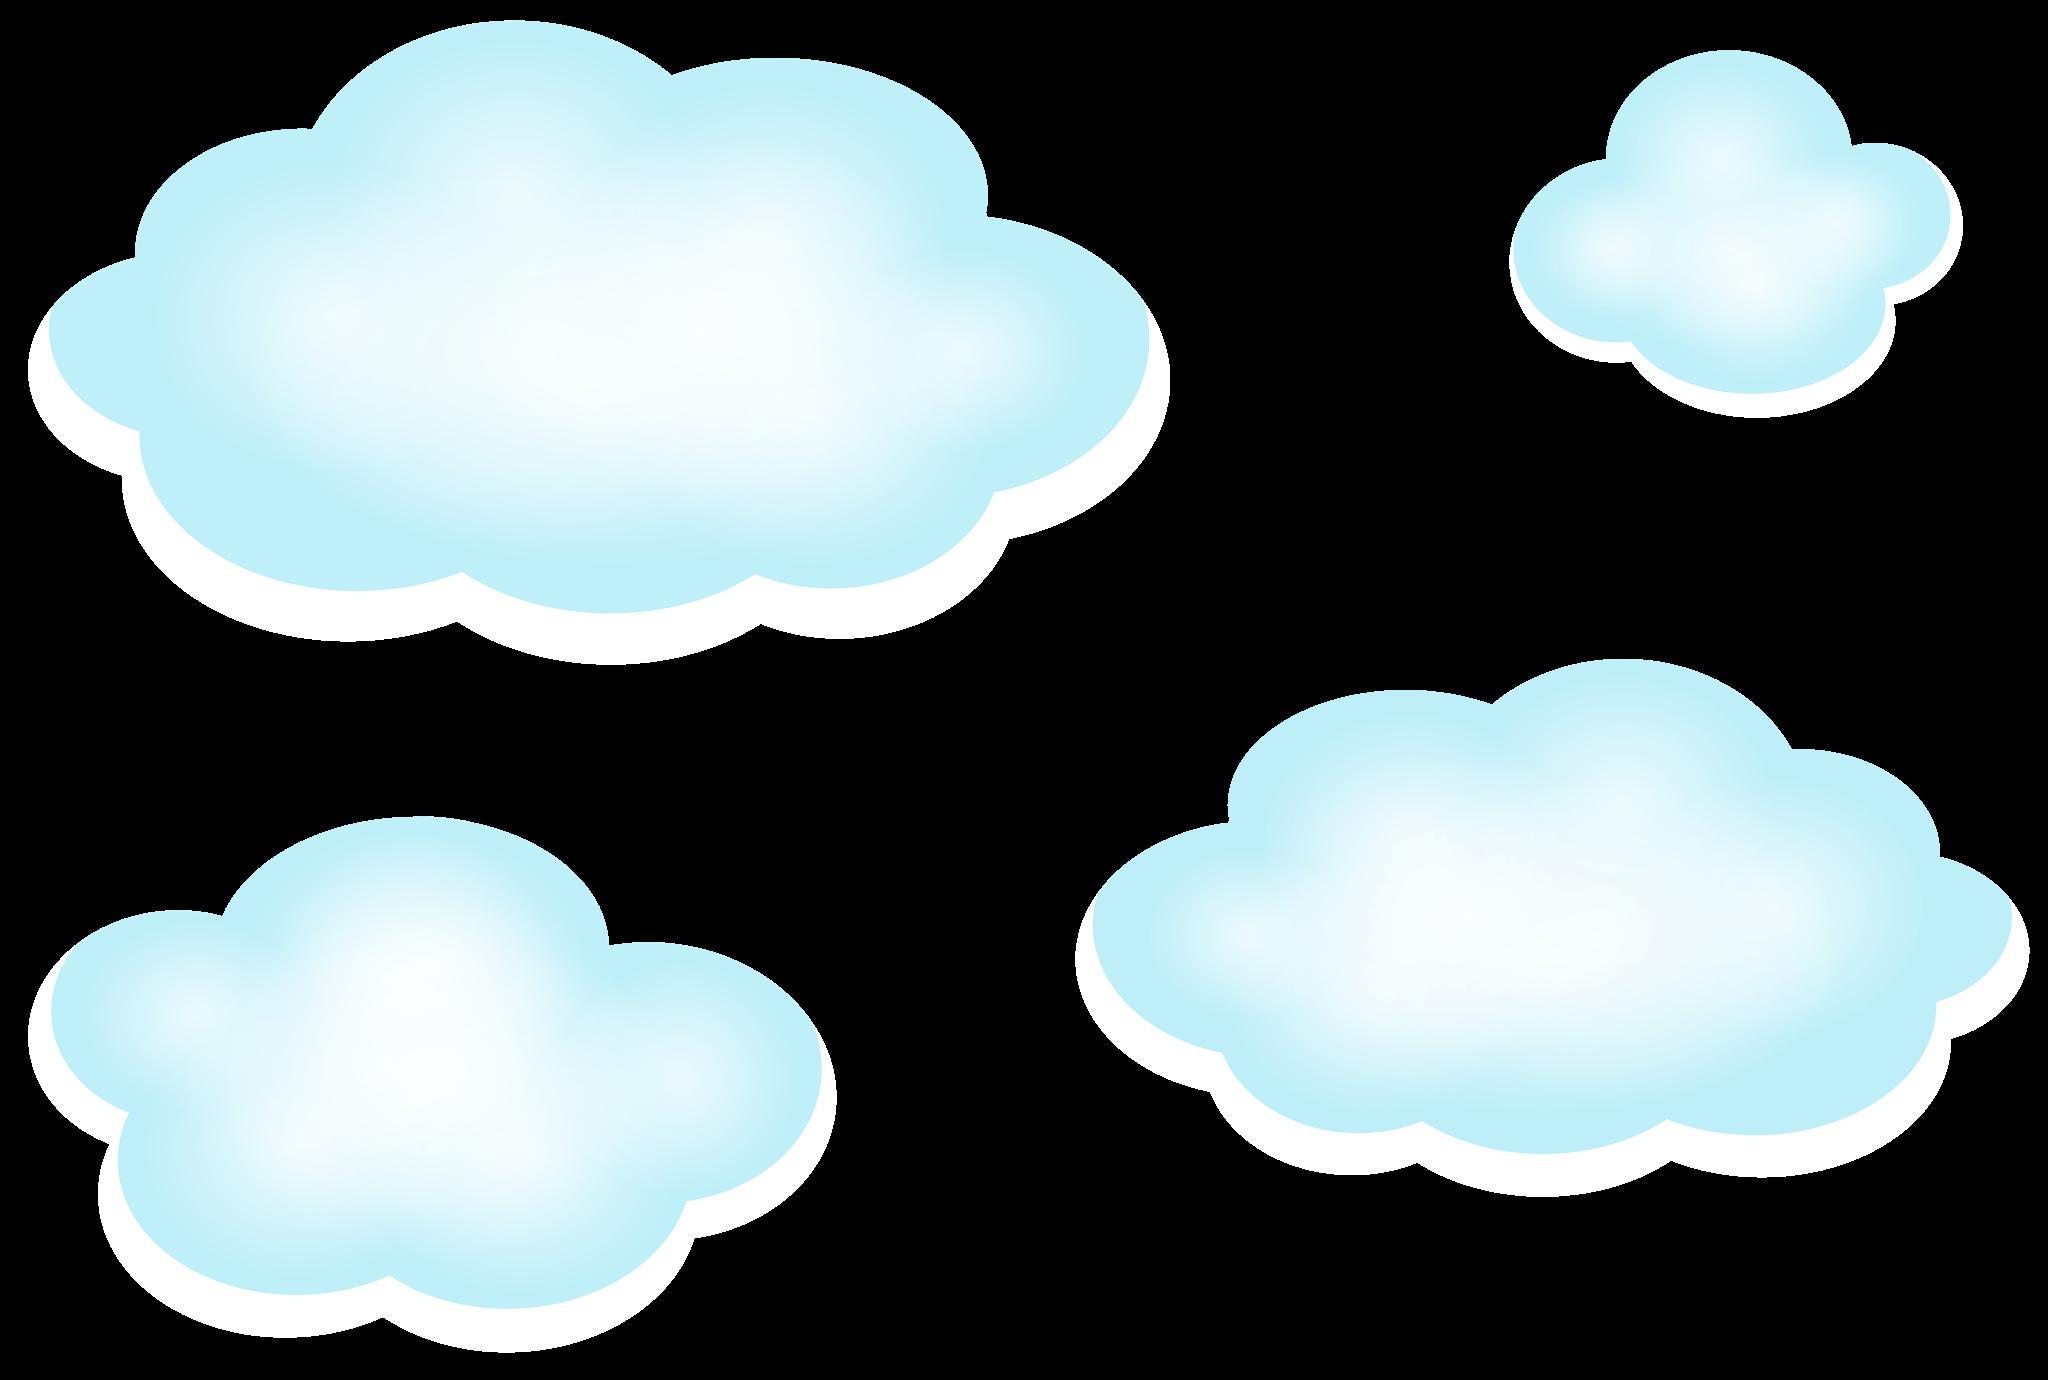 Blue Cloud Png Cloud Png Transparent Free Download Blue Clouds Clouds Clip Art